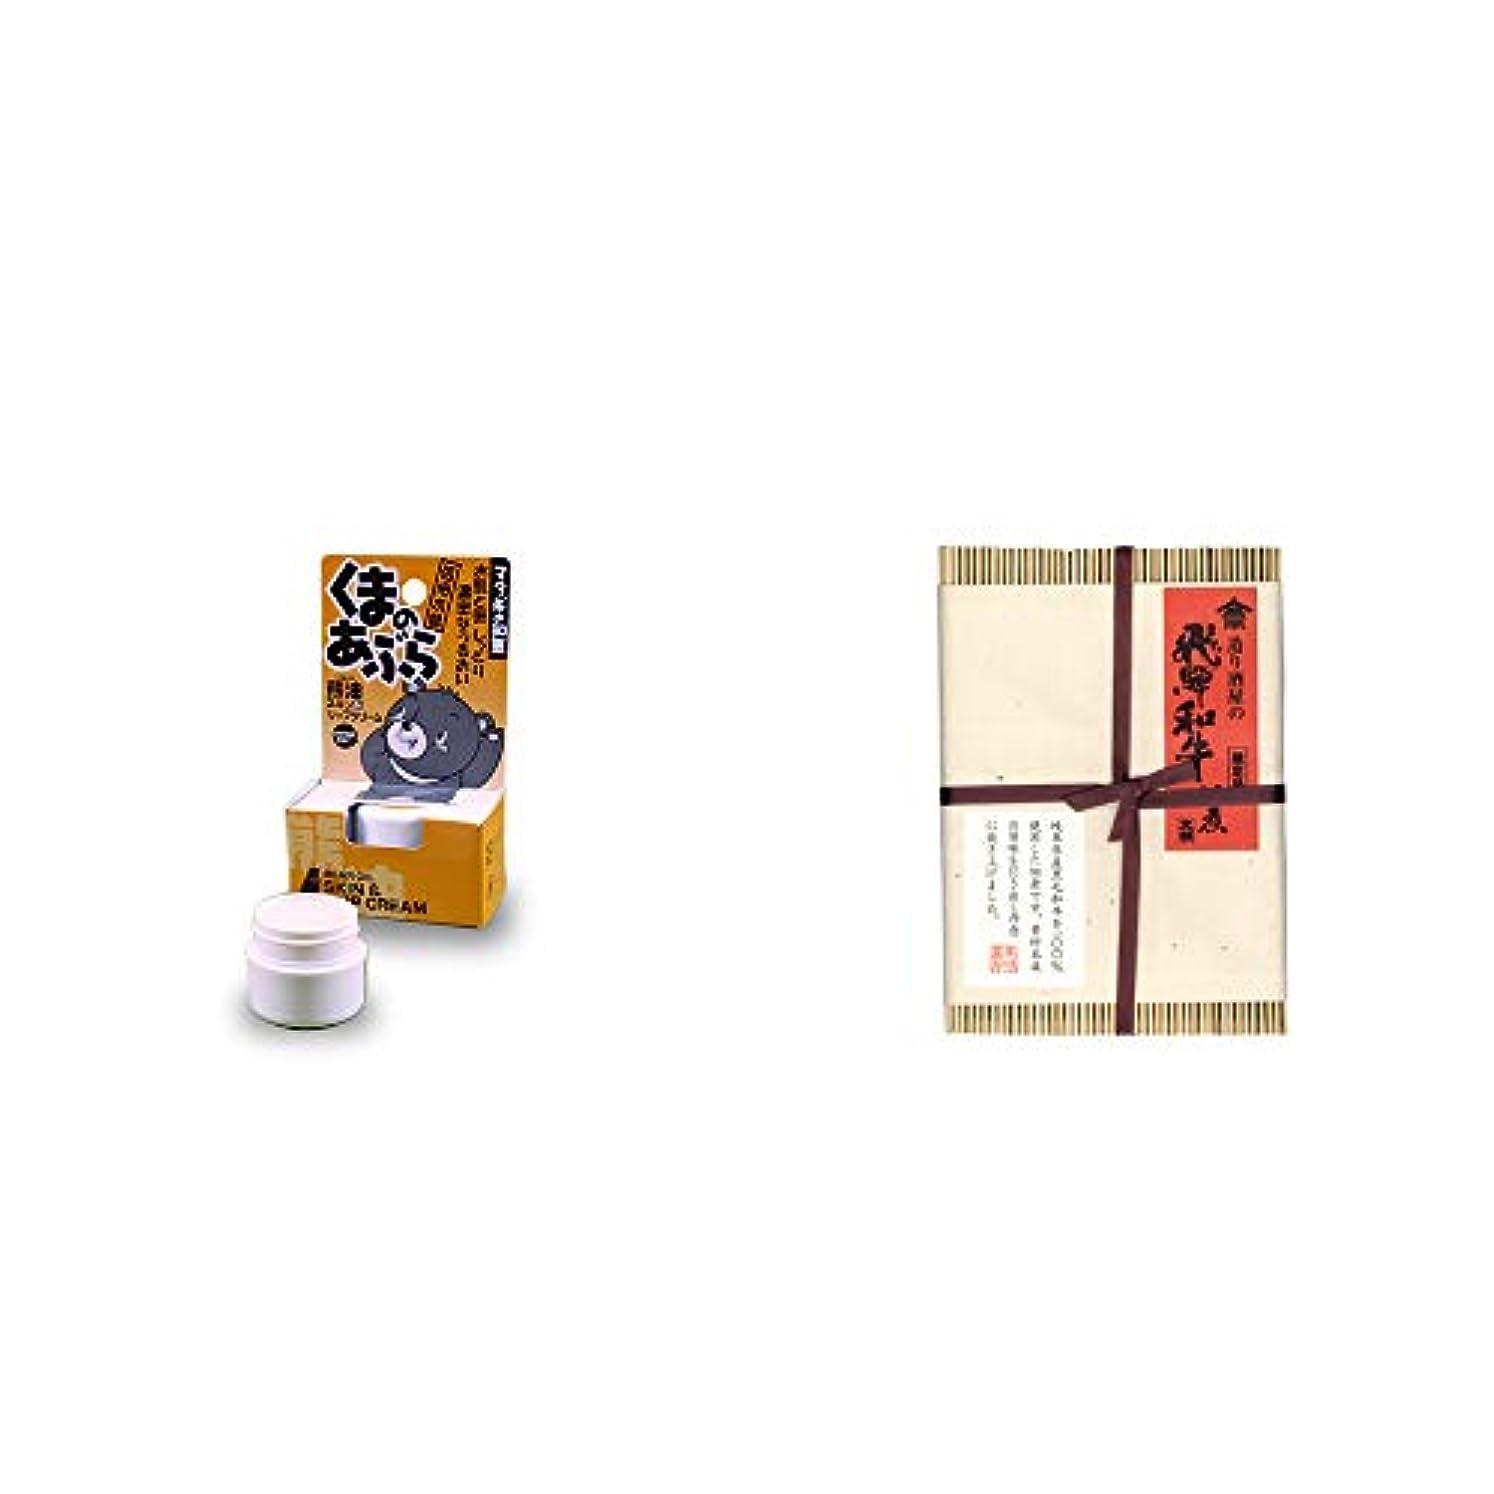 超高層ビルファウル豊かな[2点セット] 信州木曽 くまのあぶら 熊油スキン&リップクリーム(9g)?天領酒造 造り酒屋の飛騨和牛佃煮(100g)